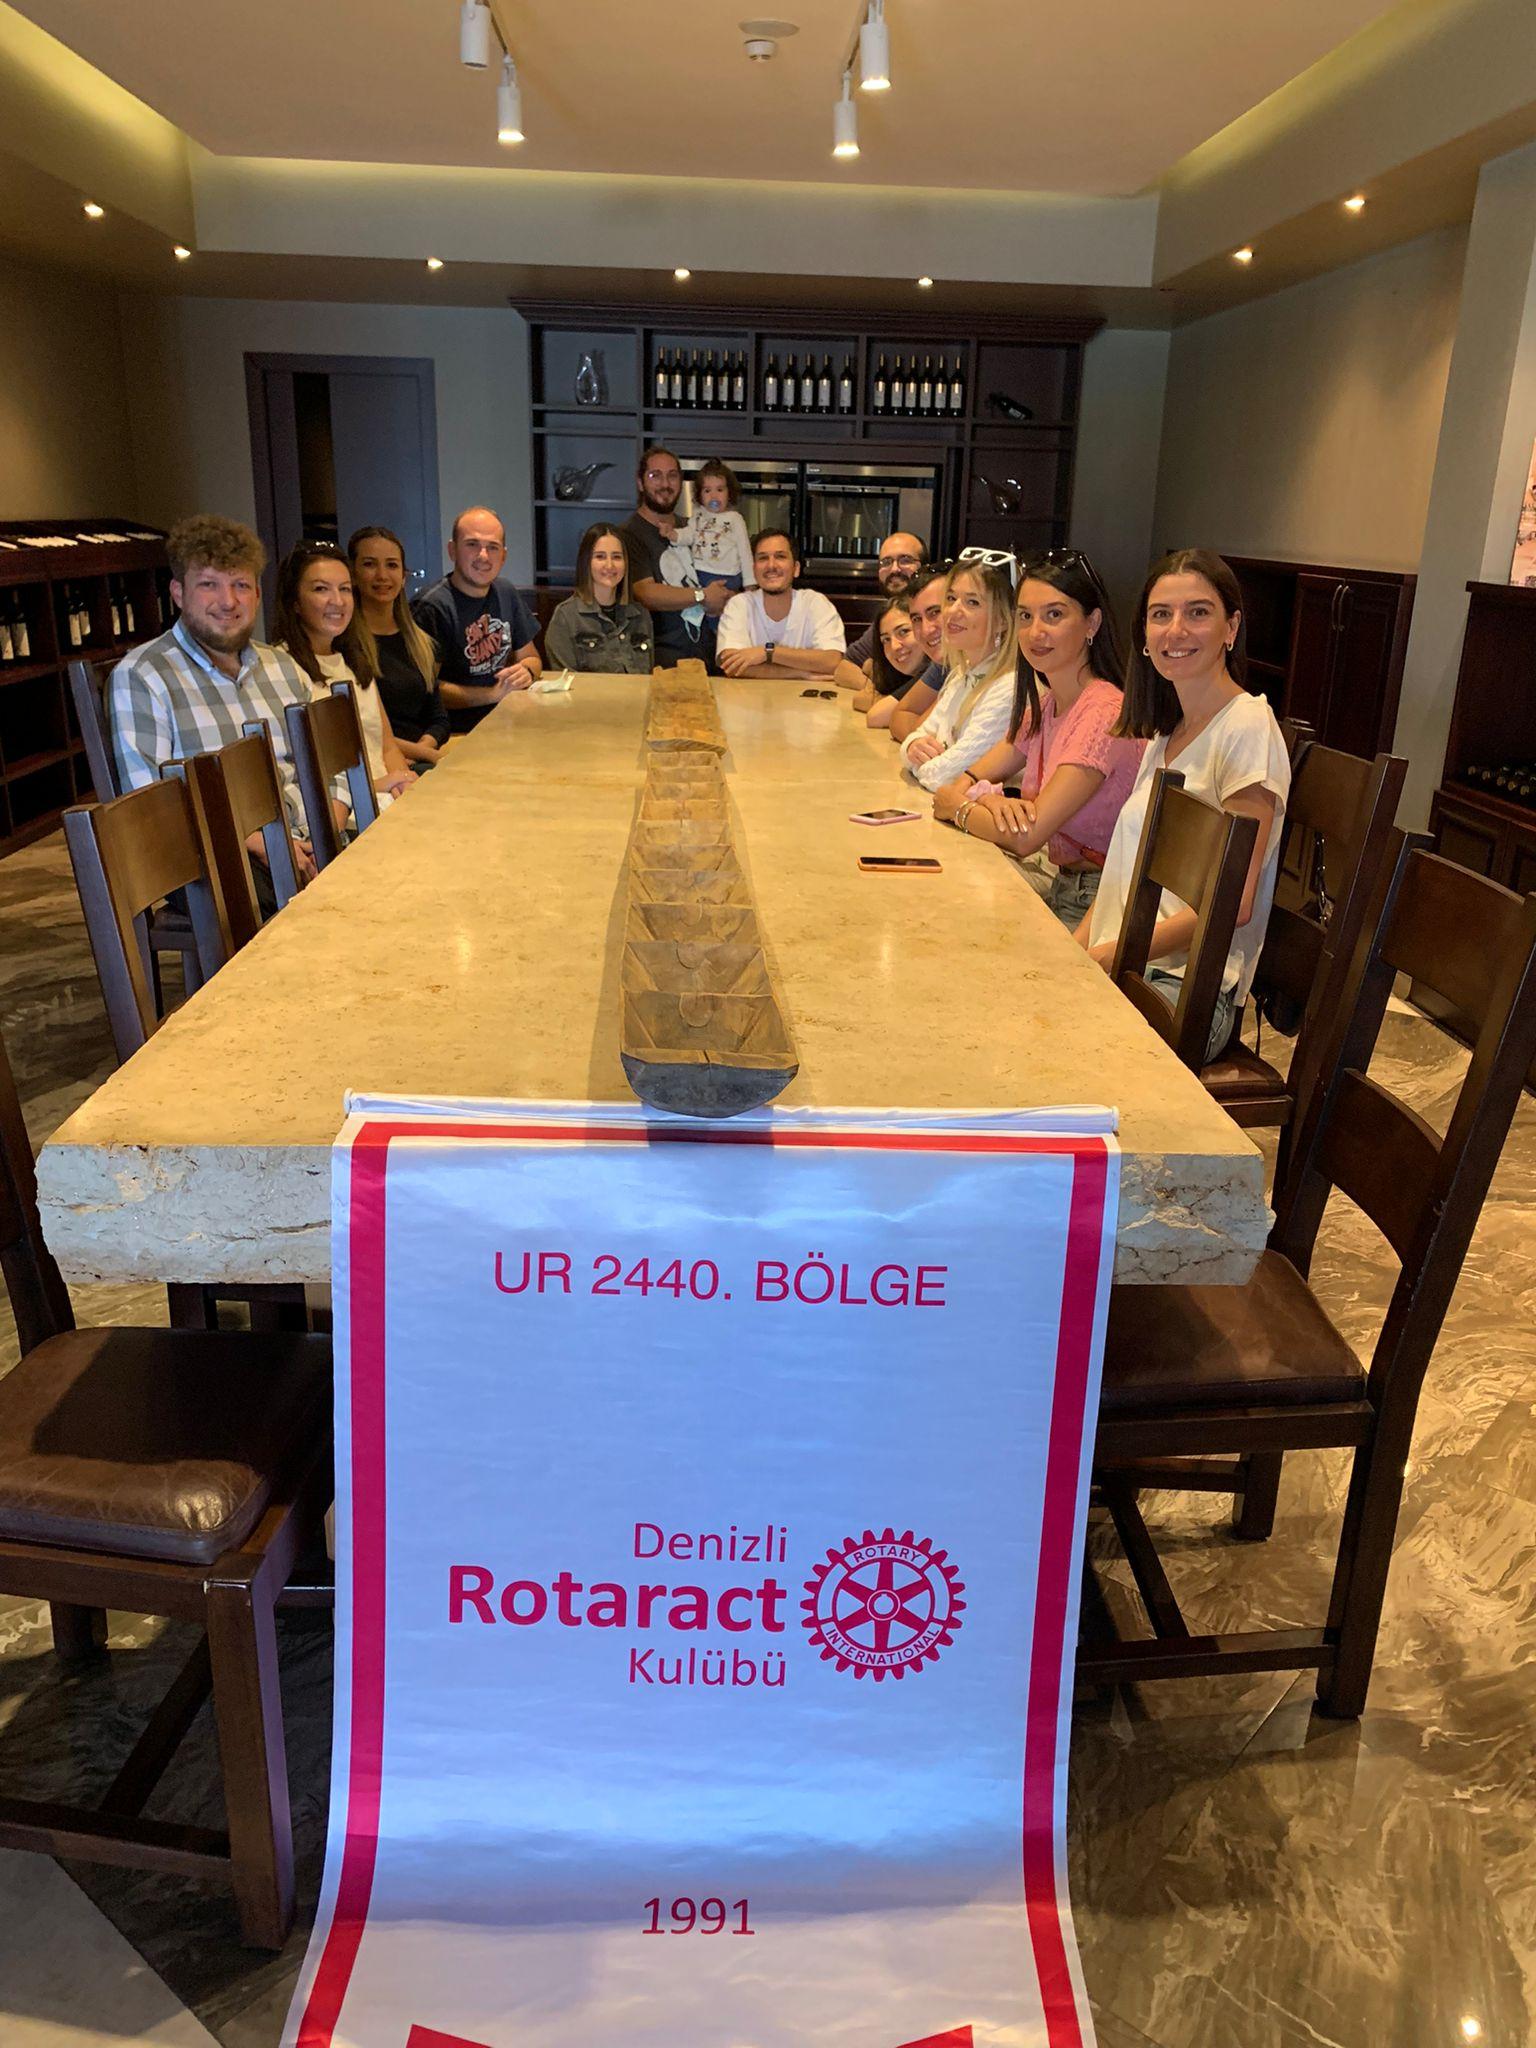 Denizli Rotaract Kulübü